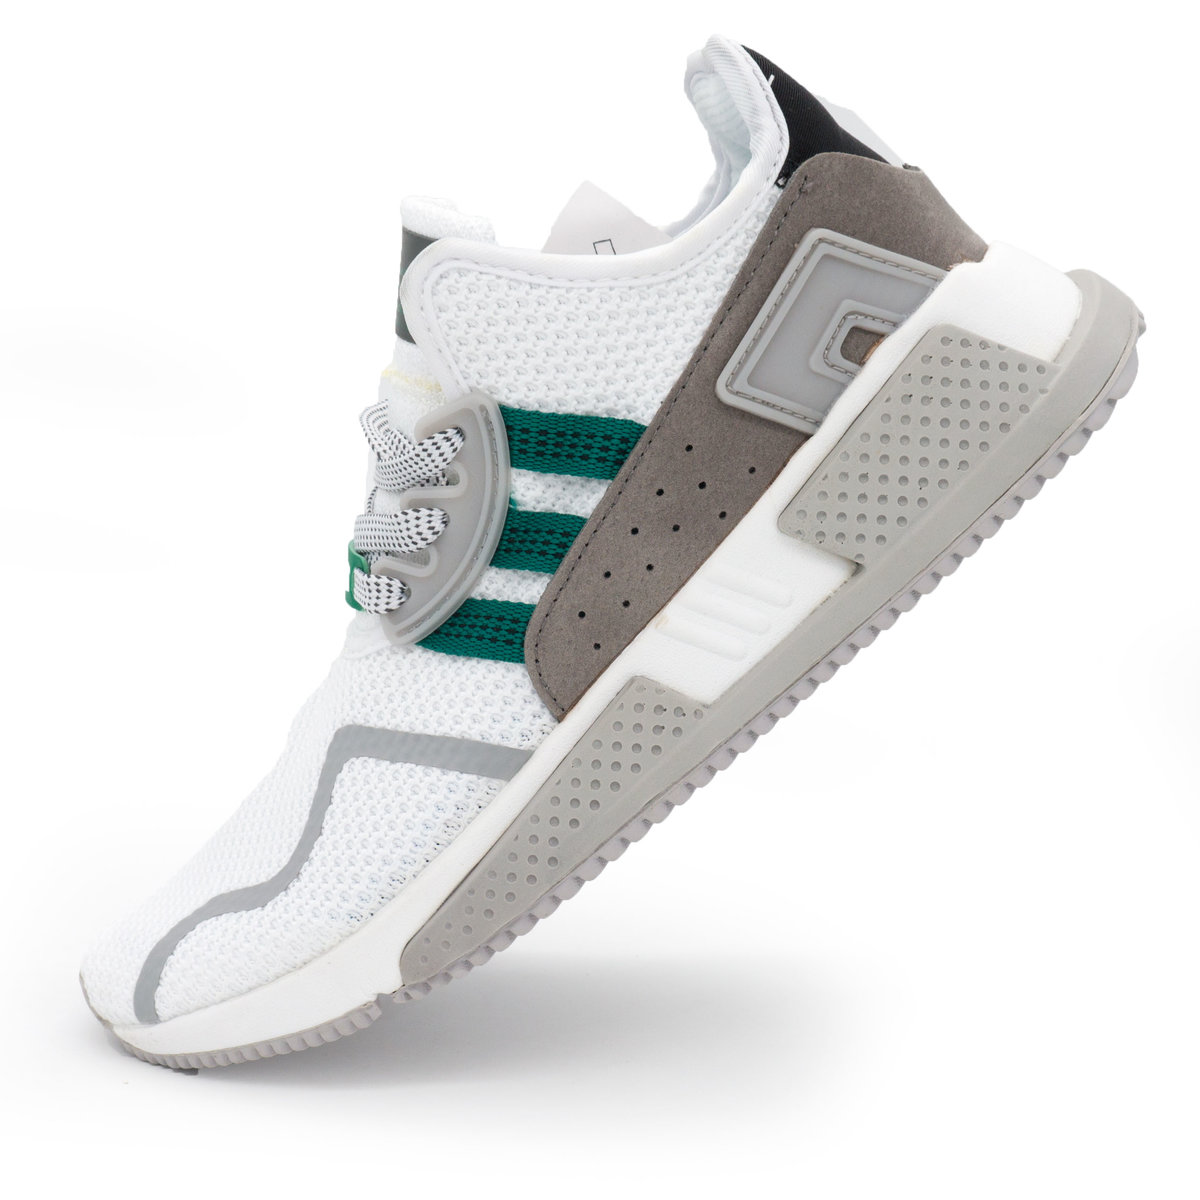 753382974d5f Кроссовки Adidas Equipment в Владивостоке. Кроссовки купить в Москве Перейти  на официальный сайт производителя.